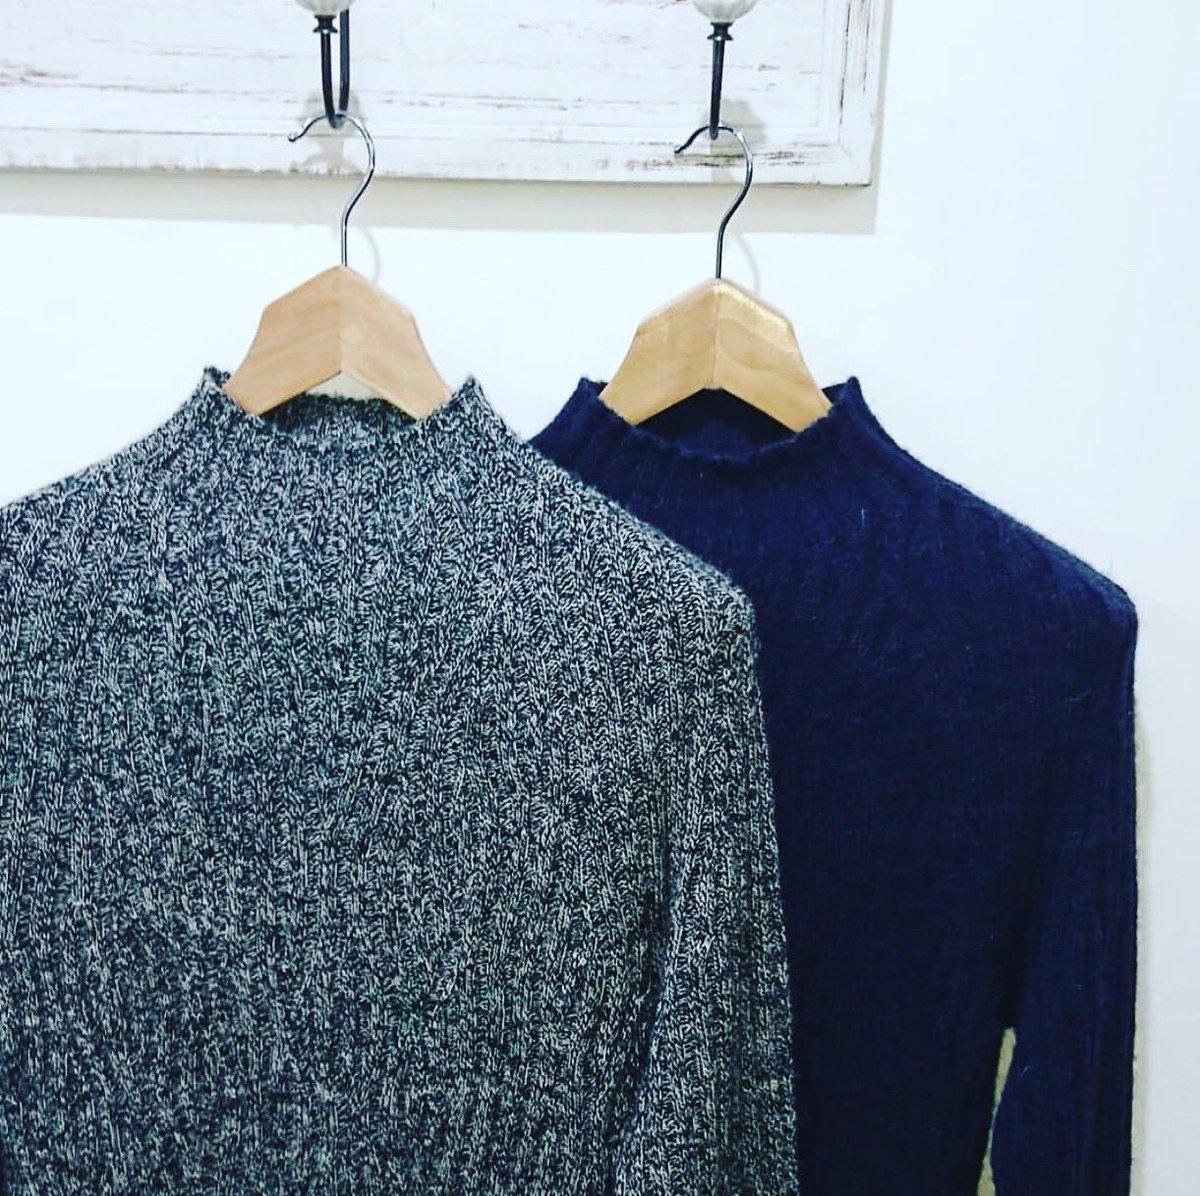 Knitwear for Winter ❄️ @ Solo Menswear #edinburghwestend #edinburghwows #edinburgh